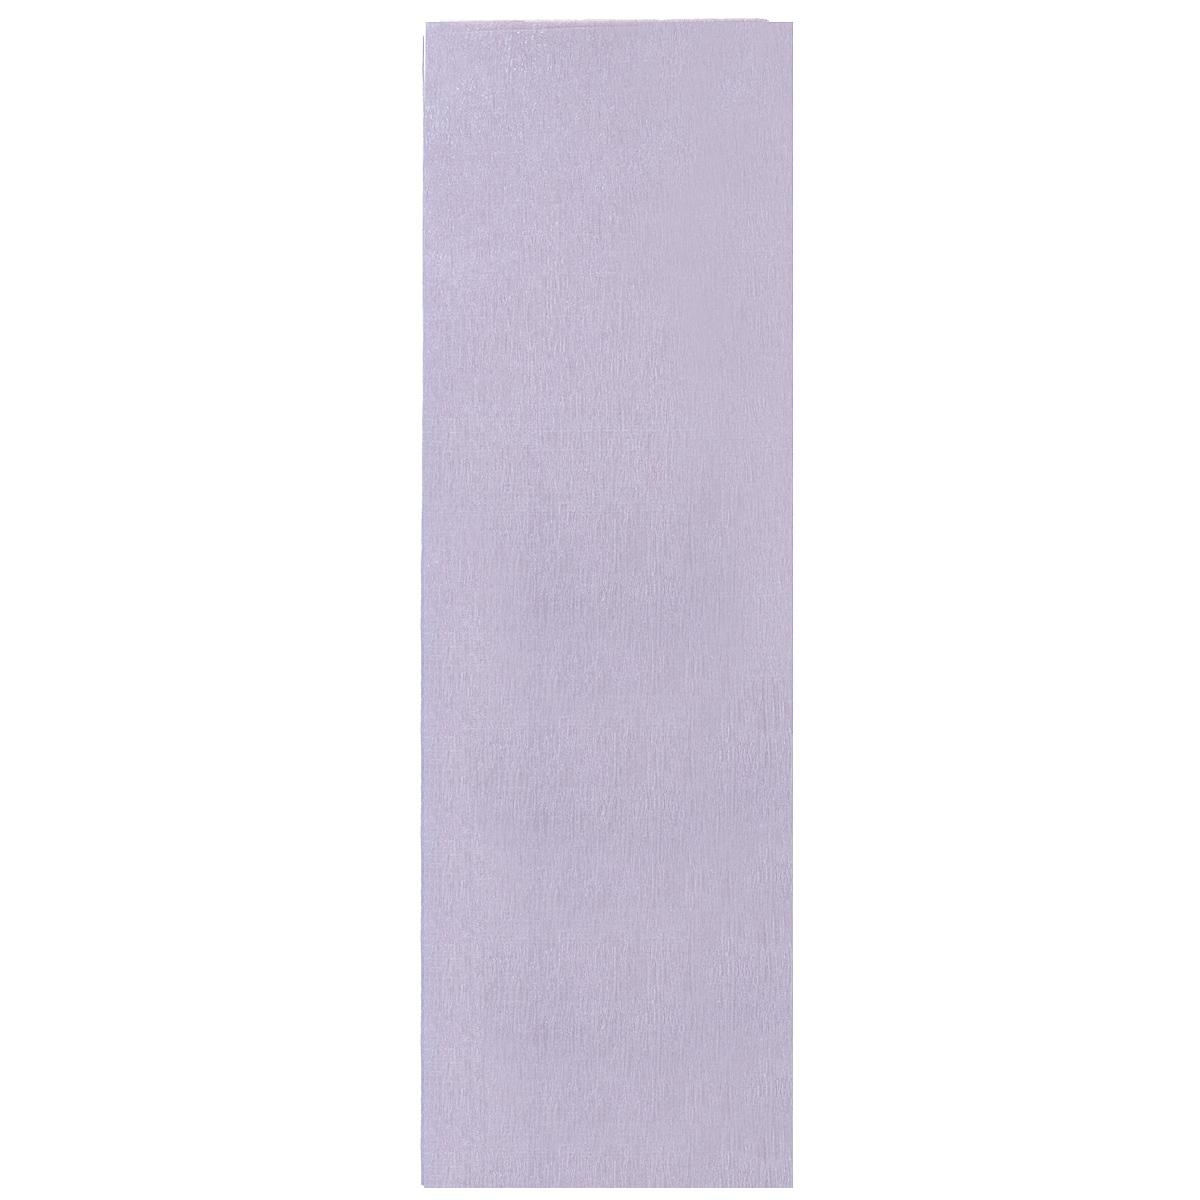 Бумага крепированная Проф-Пресс, перламутровая, цвет: сиреневый, 50 см х 250 смБ-2314Крепированная перламутровая бумага Проф-Пресс - отличный вариант для воплощения творческих идей не только детей, но и взрослых. Она отлично подойдет для упаковки хрупких изделий, при оформлении букетов, создании сложных цветовых композиций, для декорирования и других оформительских работ. Бумага обладает повышенной прочностью и жесткостью, хорошо растягивается, имеет жатую поверхность. Кроме того, перламутровая бумага Проф-Пресс поможет увлечь ребенка, развивая интерес к художественному творчеству, эстетический вкус и восприятие, увеличивая желание делать подарки своими руками, воспитывая самостоятельность и аккуратность в работе. Такая бумага поможет вашему ребенку раскрыть свои таланты. Размер: 50 см х 250 см.